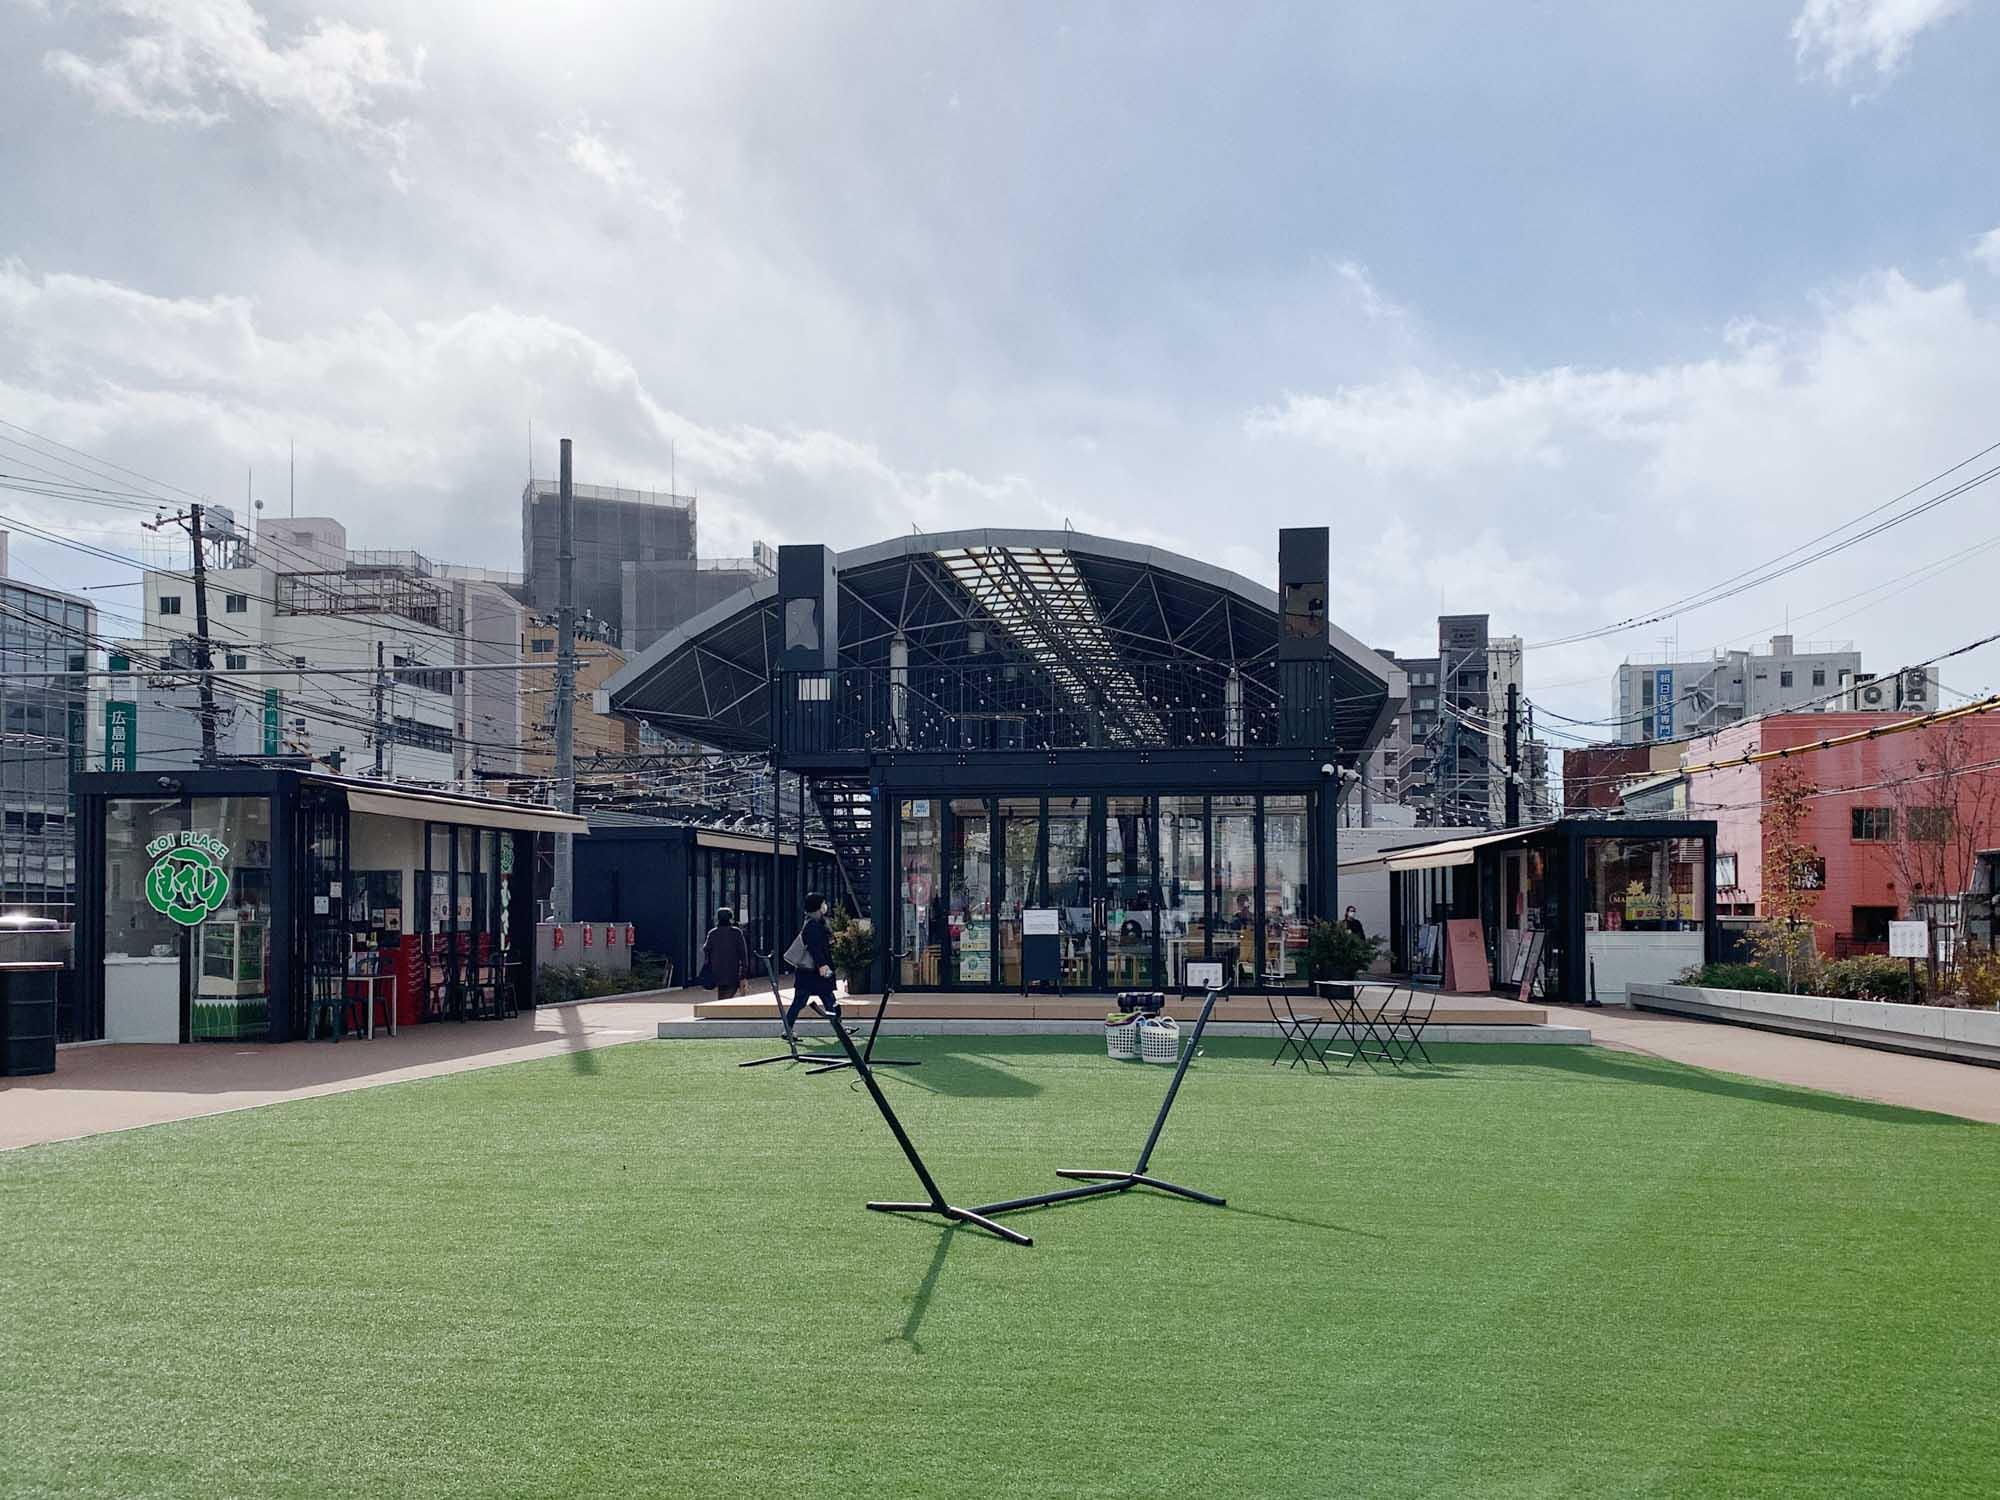 KOI PLACEには他にもパン屋さんやスイーツ専門店などがあり、テイクアウトしてテラス席や芝生広場でのんびり過ごすこともできます。